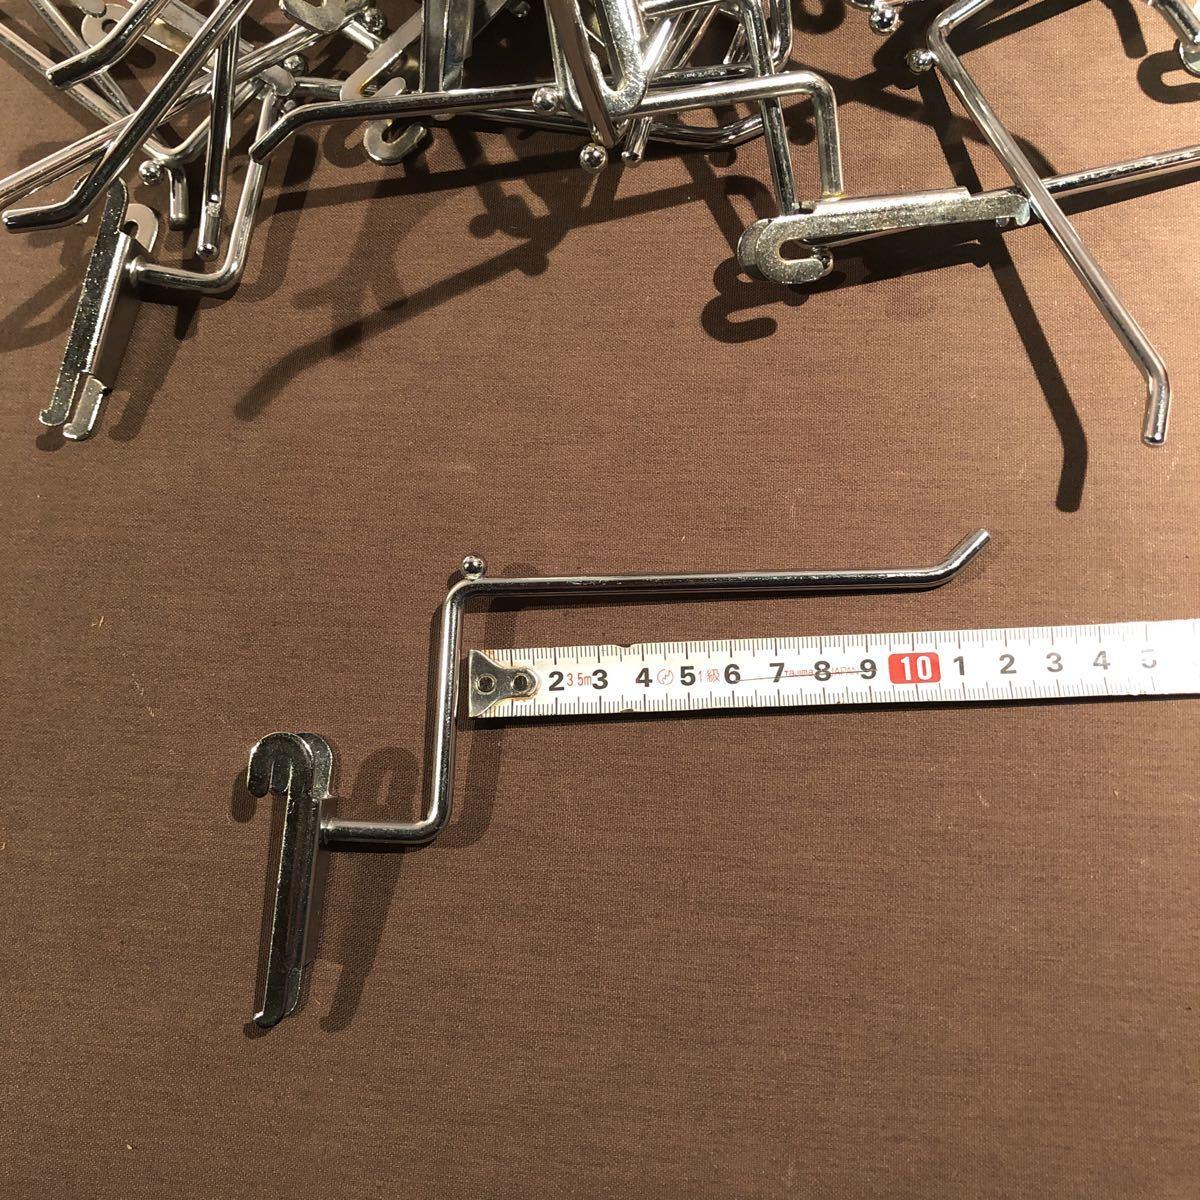 3582  変形 便利! 店舗で使用 ネット什器用フック 50個 ディスプレイ 陳列 展示 アパレル 長さ12cm 追加可能!_画像3